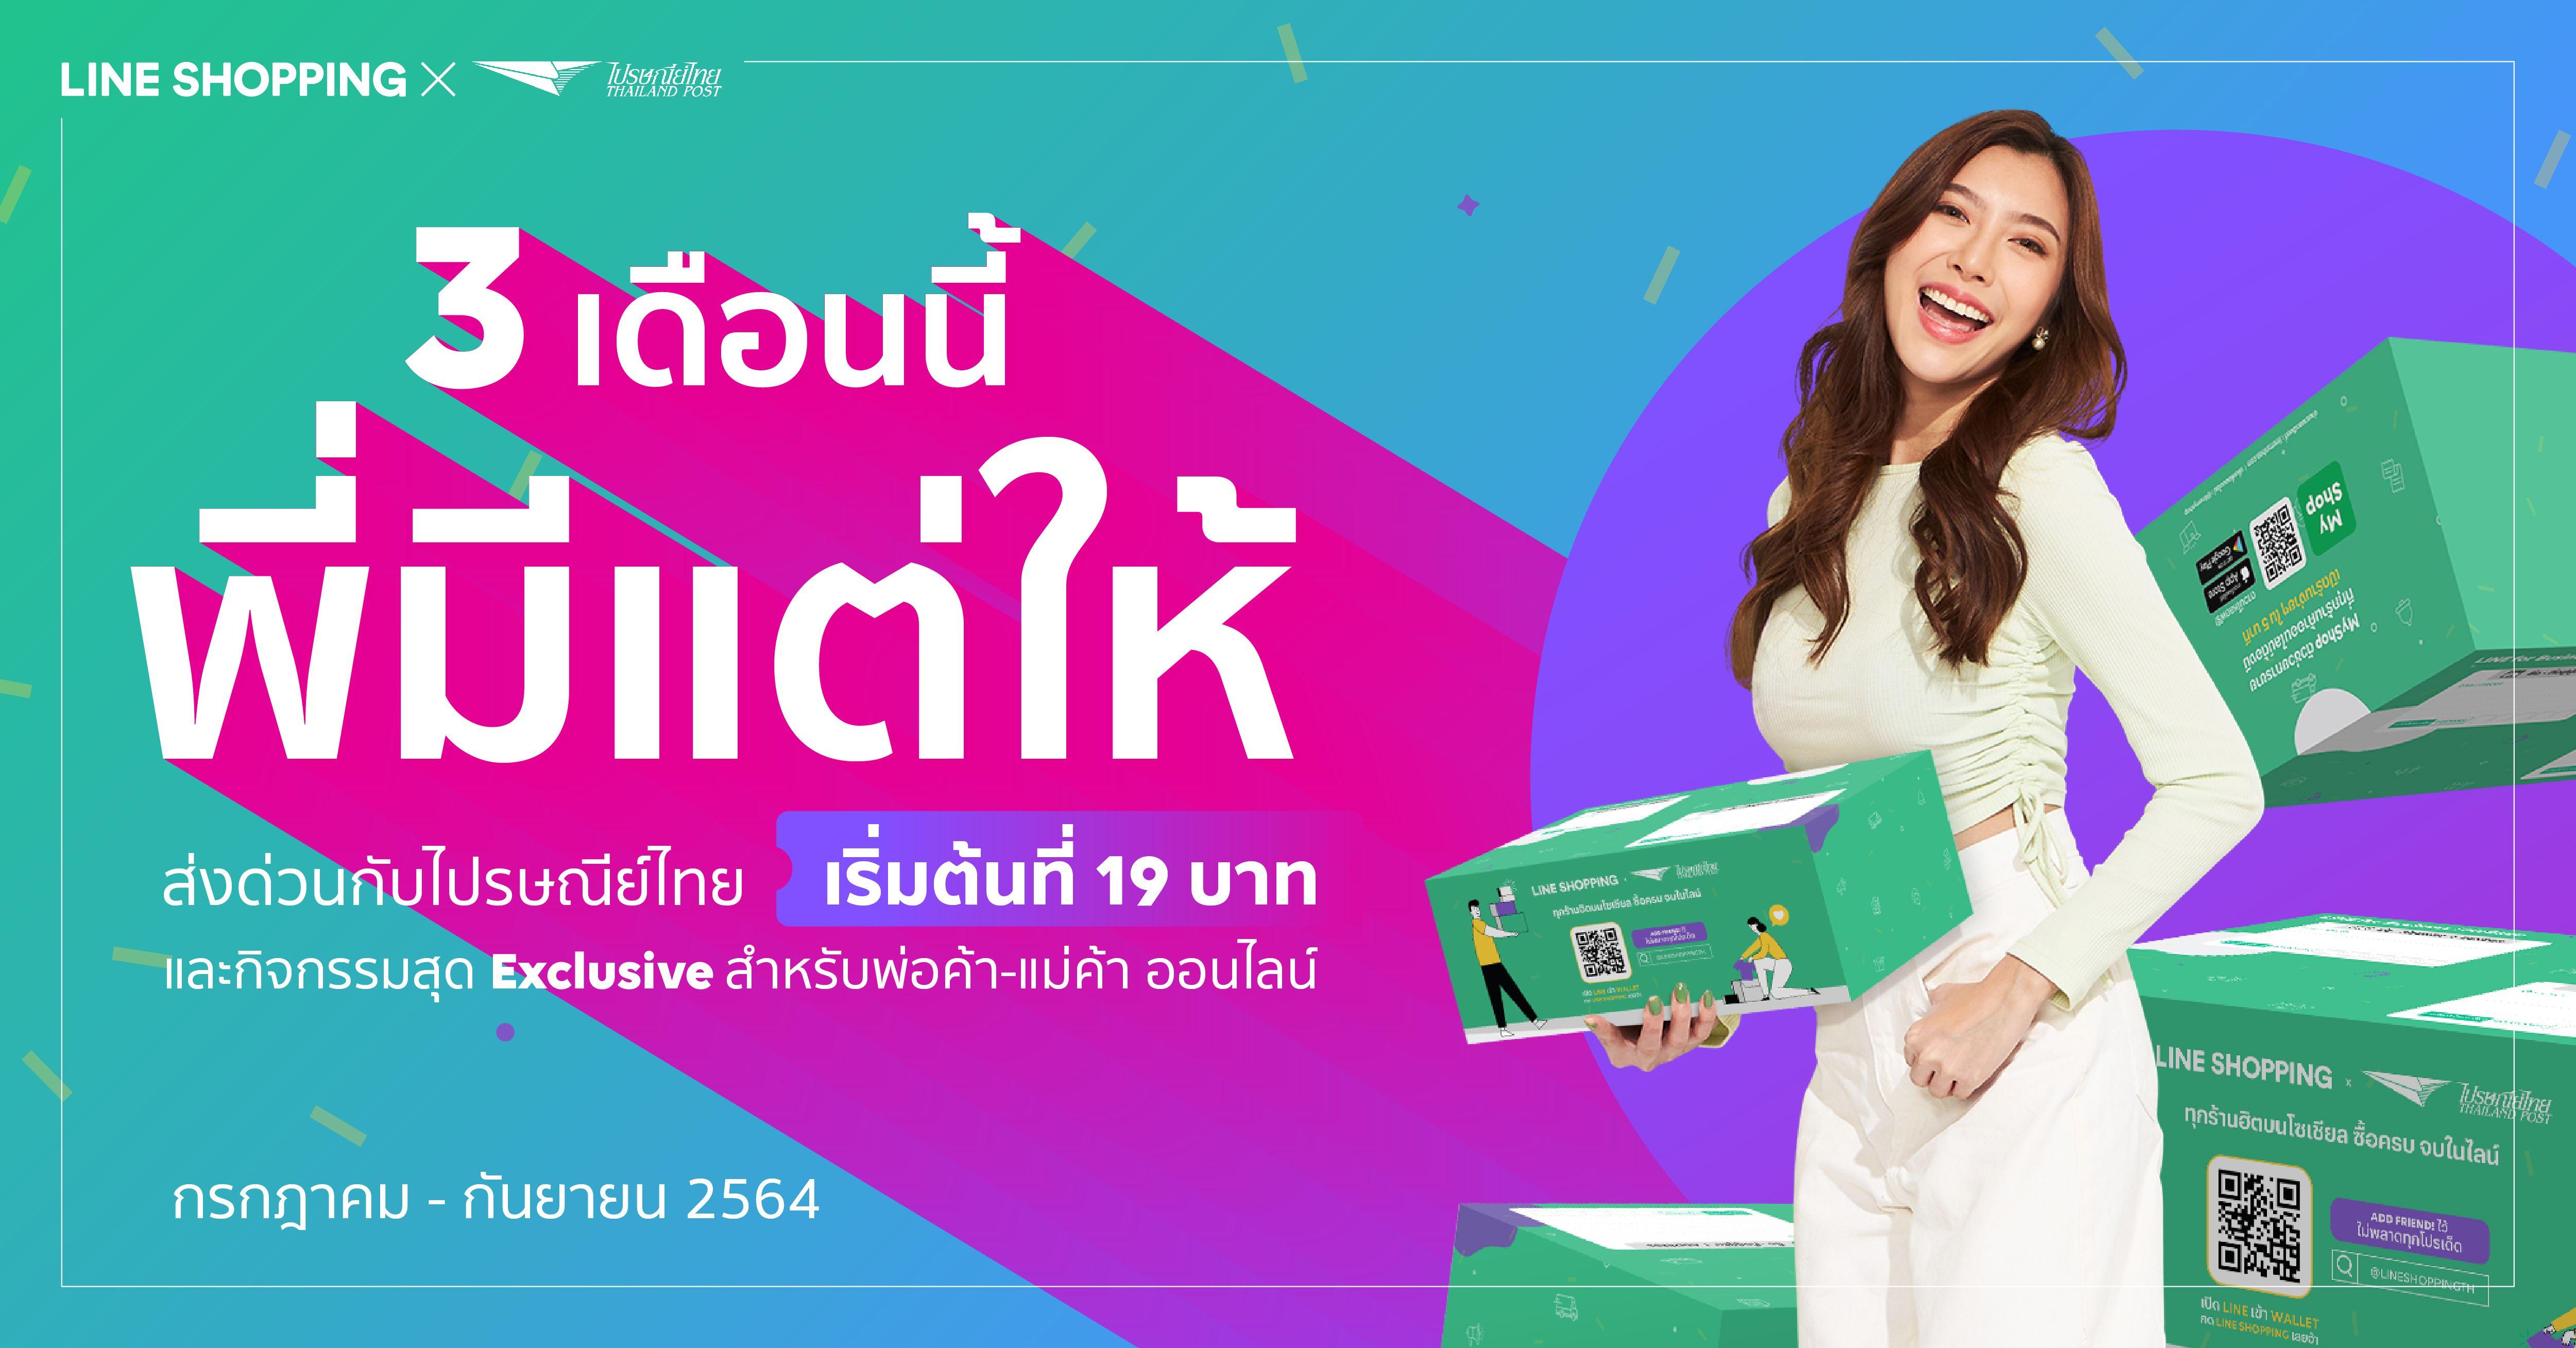 #ต่อโปรถึงสิ้นปี ♡ LINE SHOPPING จับมือ ไปรษณีย์ไทย ต่อโปรค่าส่ง 19.- พร้อมมอบสิทธิพิเศษร่วมแคมเปญ!